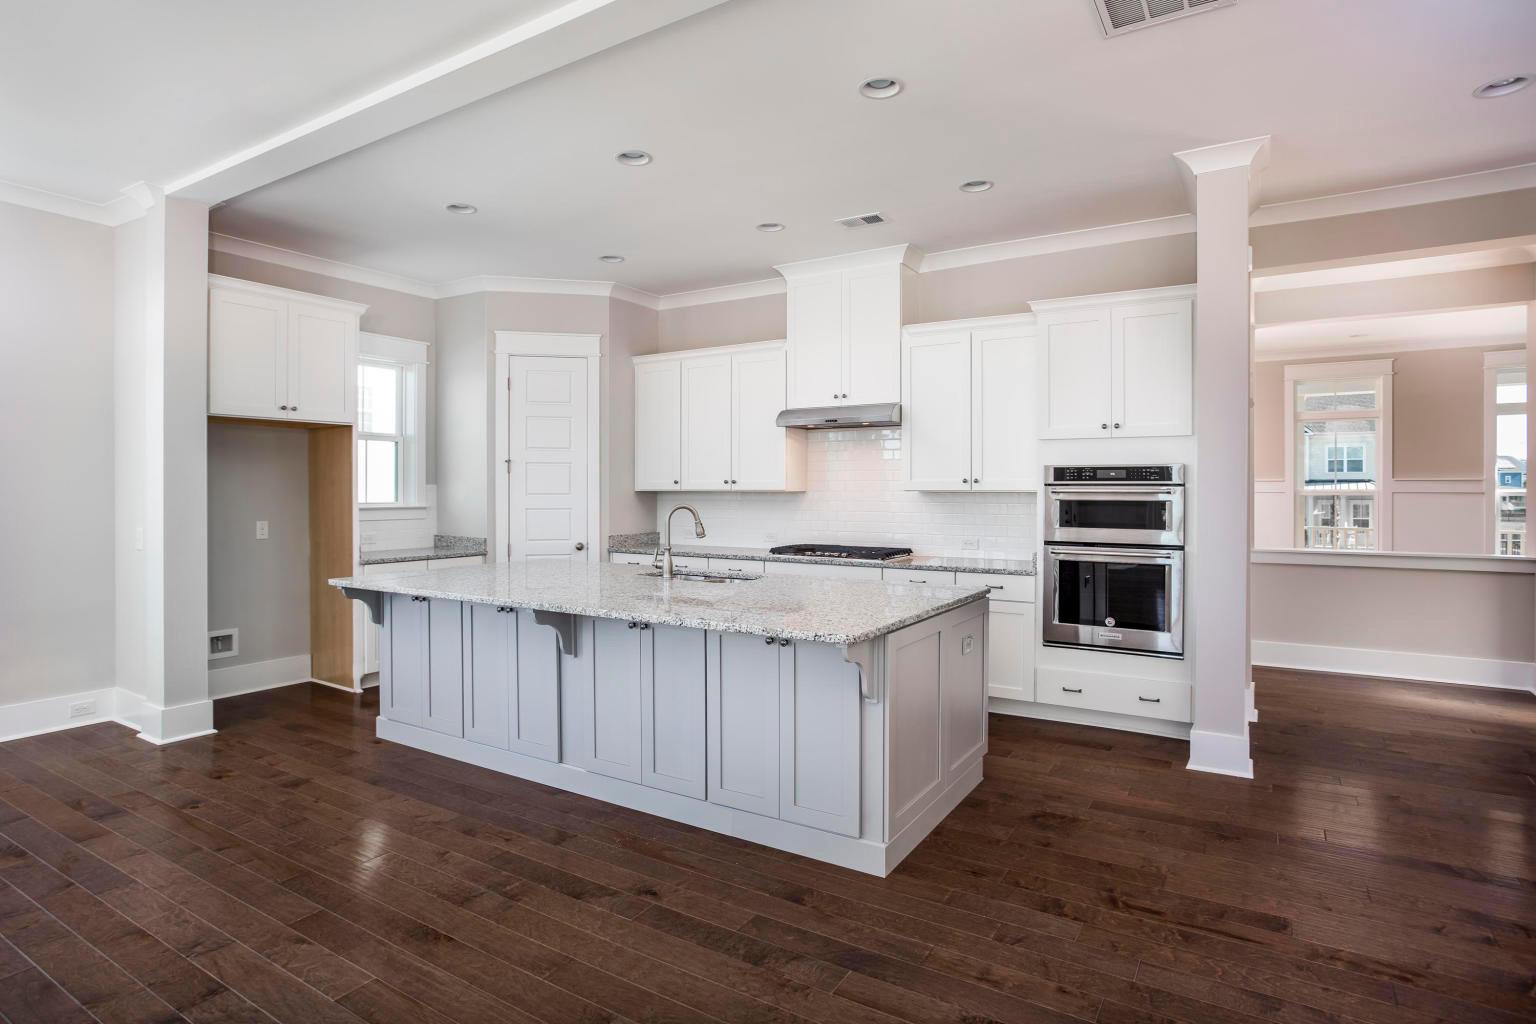 Dunes West Homes For Sale - 2892 River Vista Way, Mount Pleasant, SC - 17